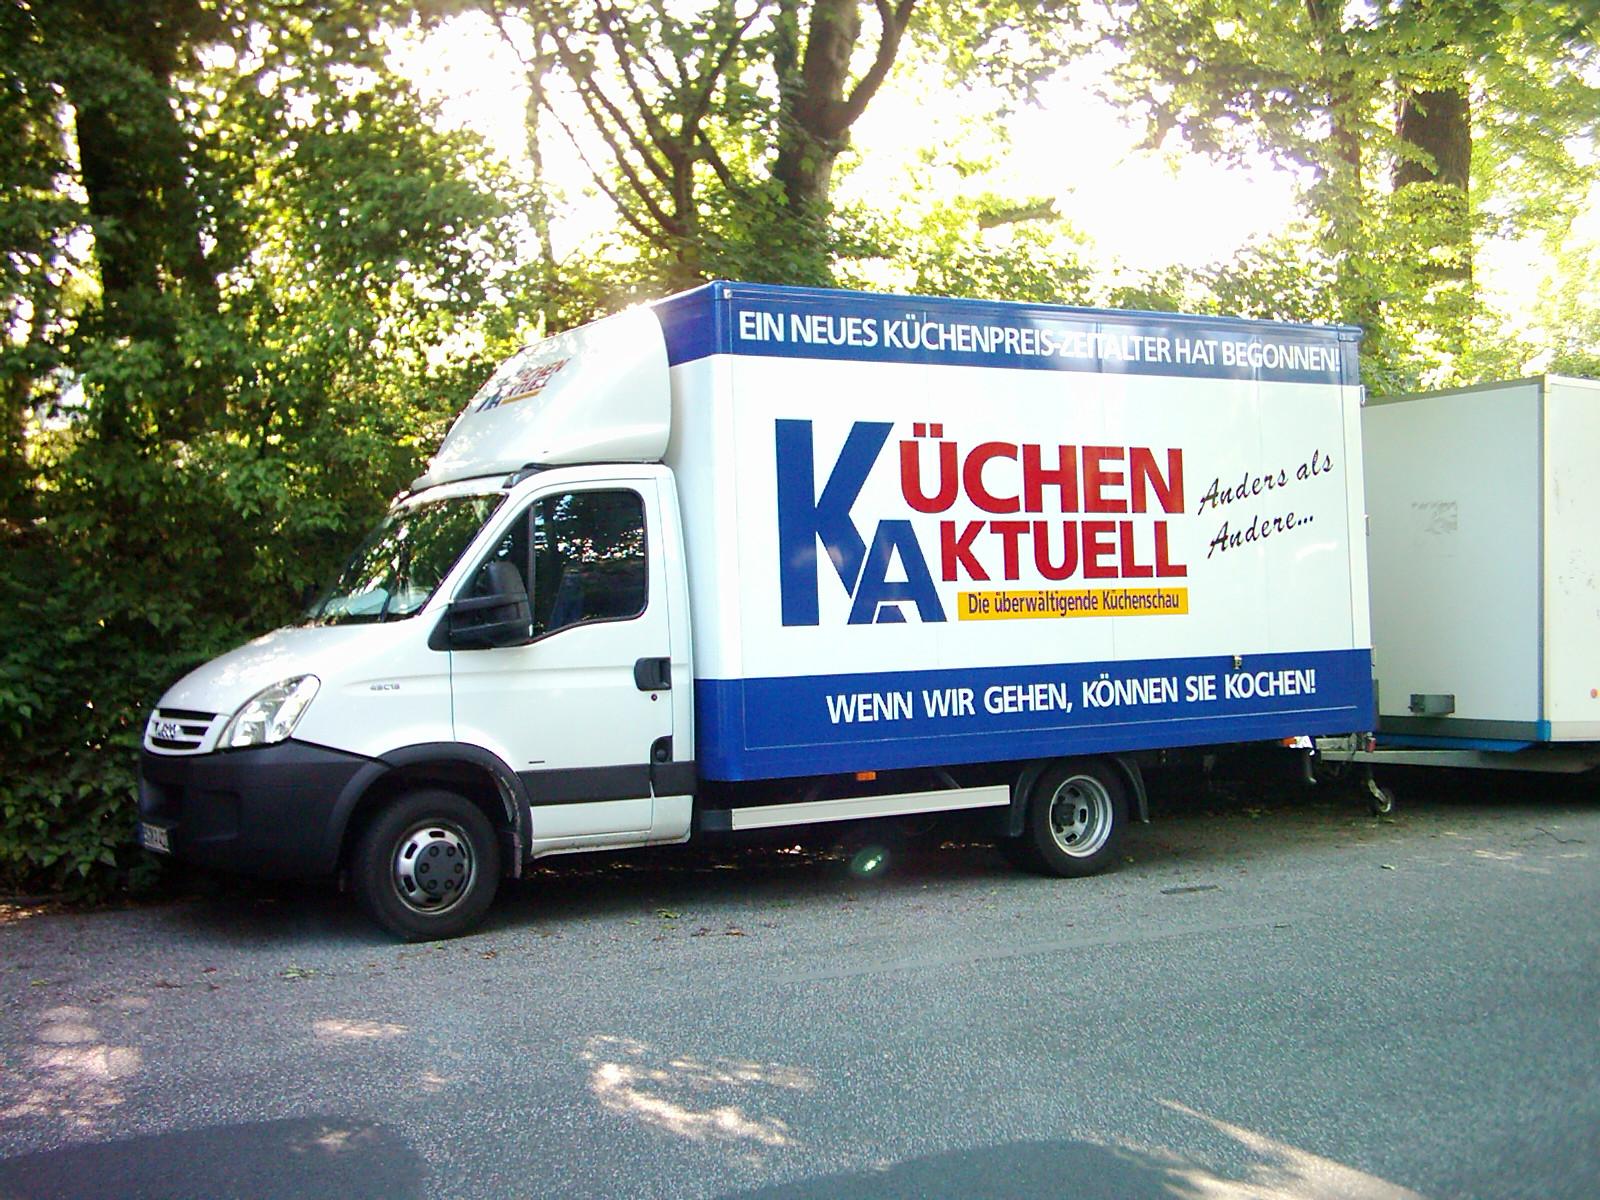 Küchen Aktuell Hamburg öffnungszeiten